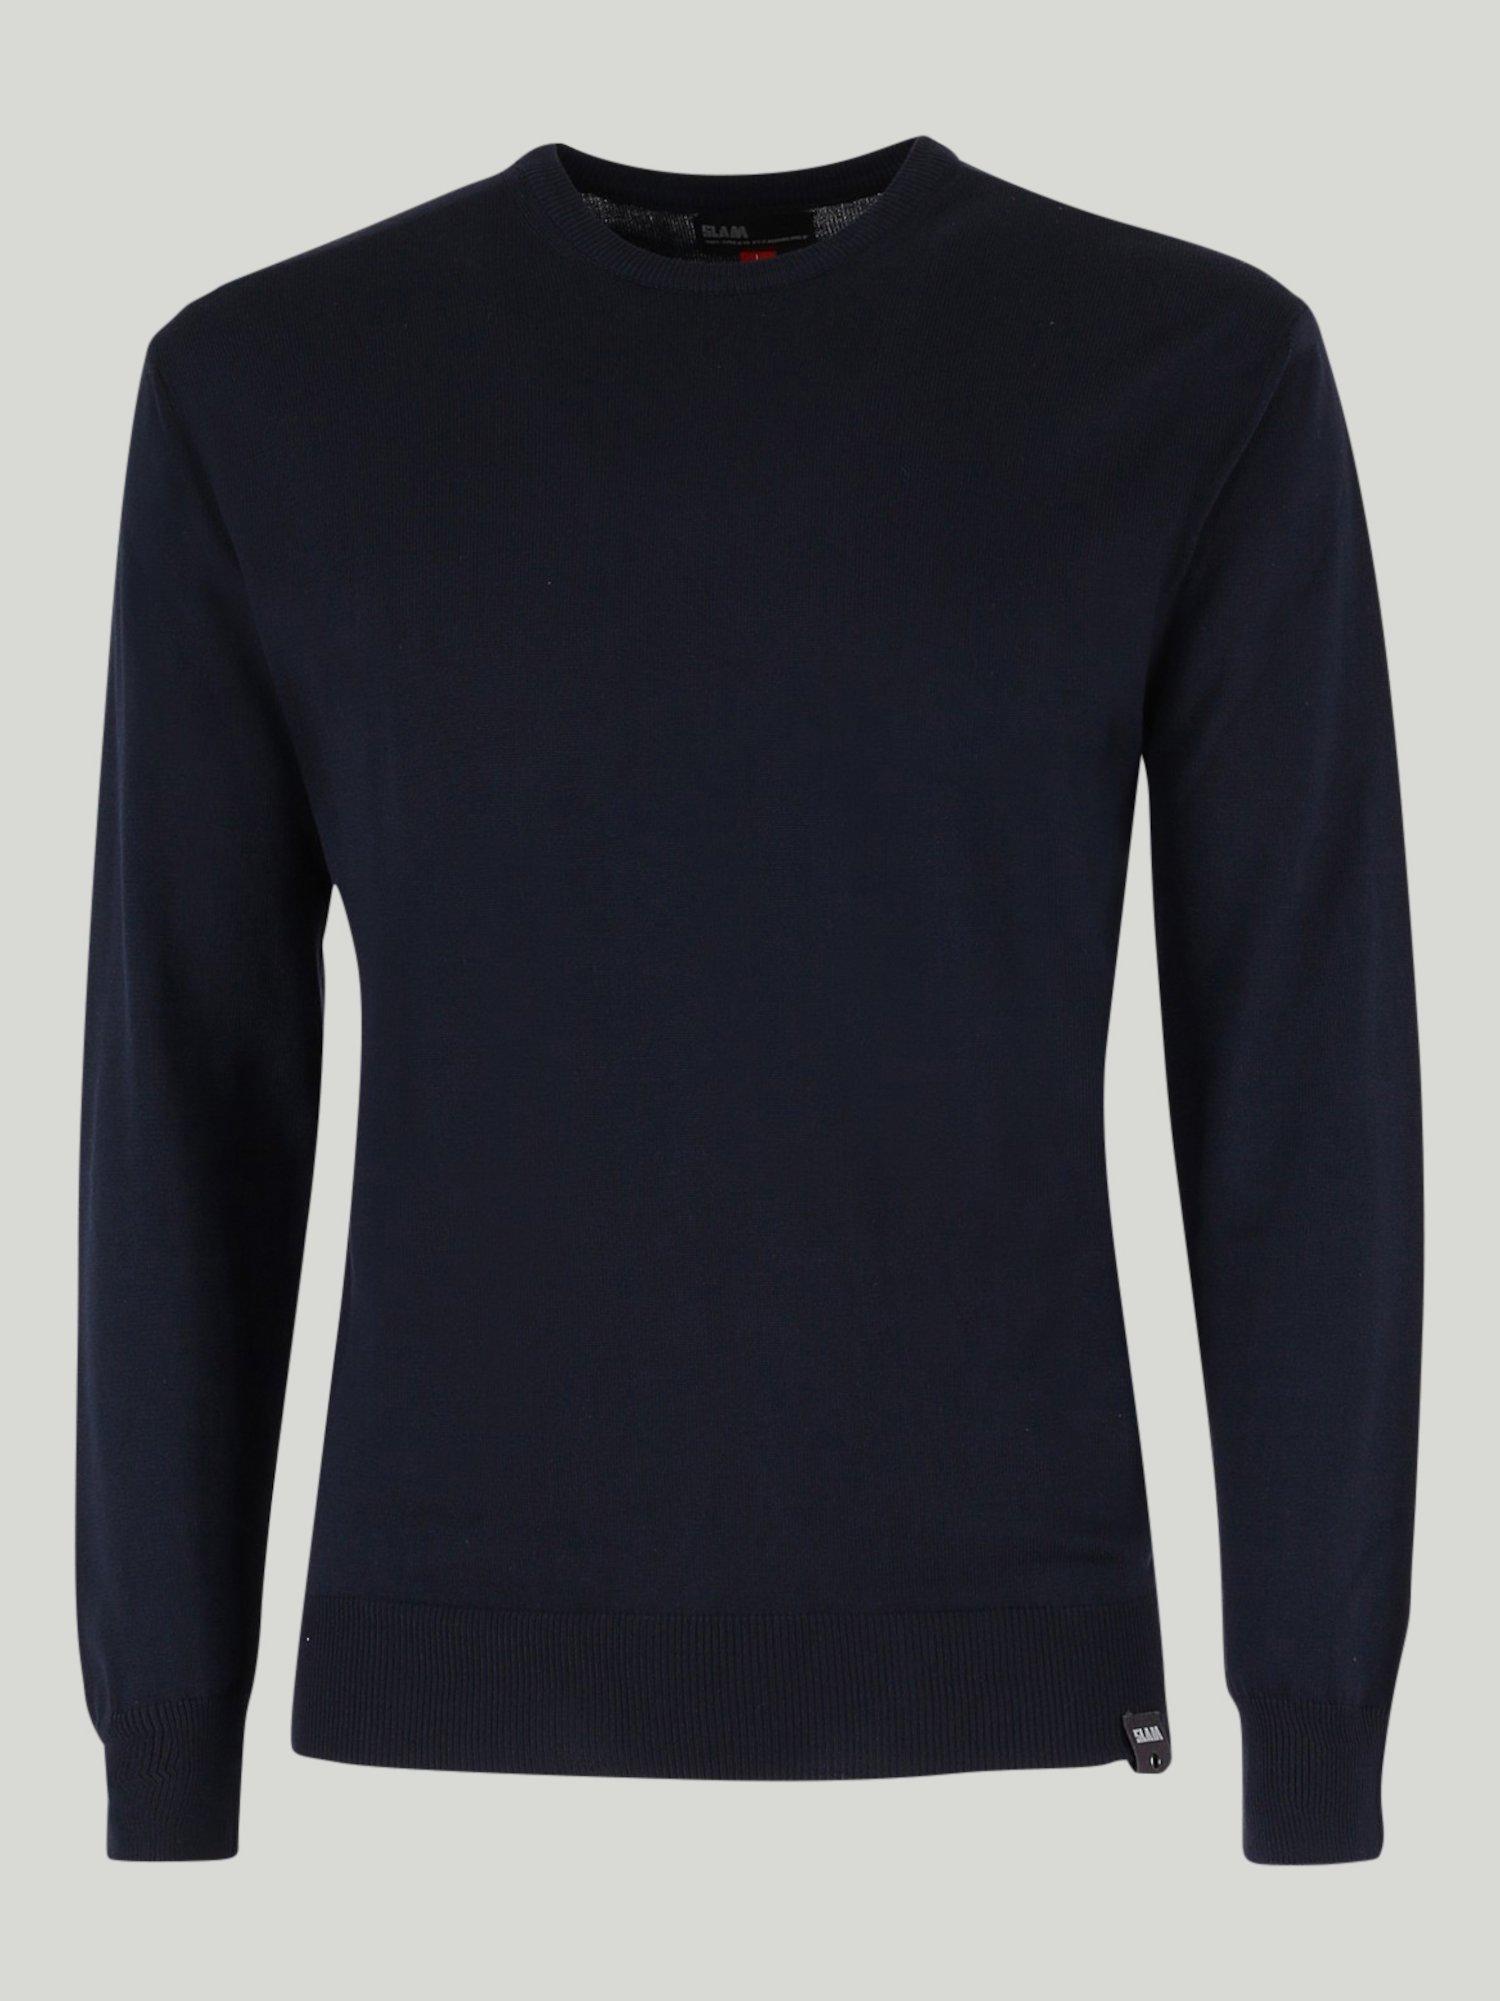 Simius Sweater - Ocean Blue